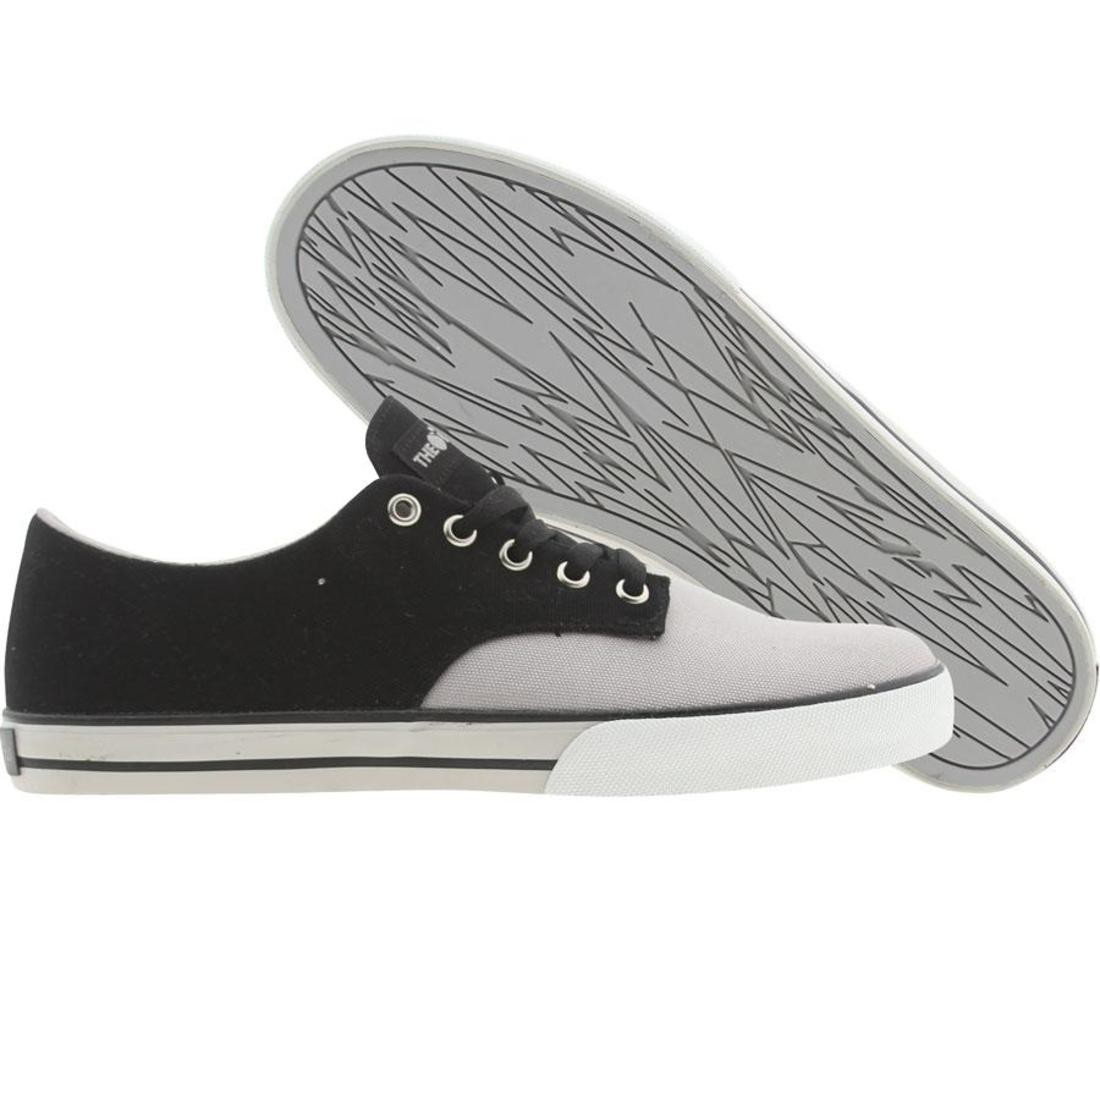 【海外限定】ジョンソン スニーカー 靴 【 THE HUNDREDS JOHNSON LOW TOP BLACK 】